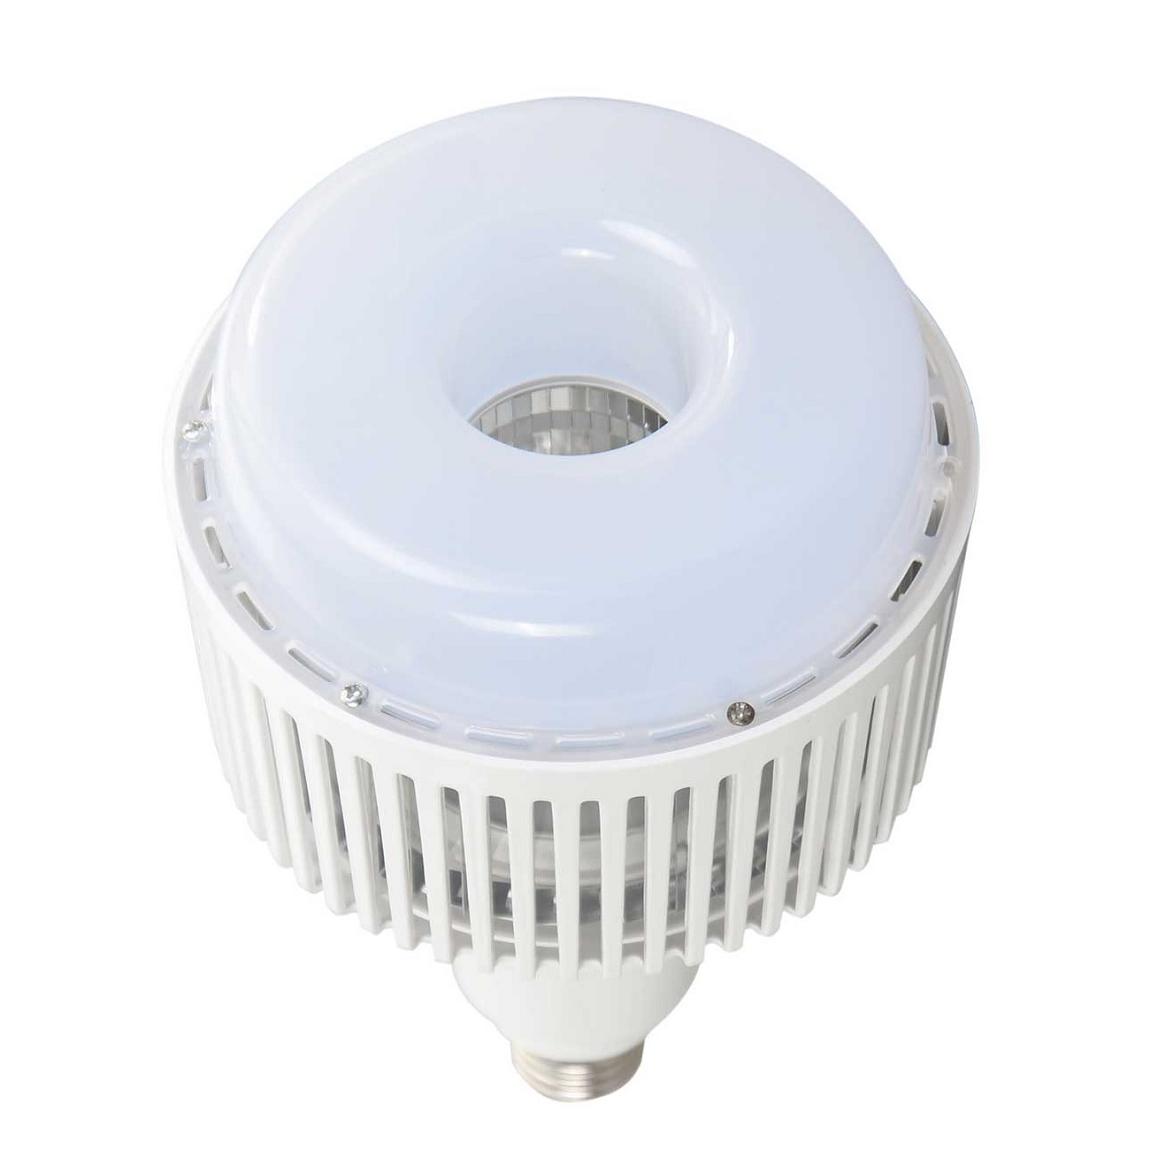 FORLIFE FL-6050 - 100 Watt LED Torch Ampul